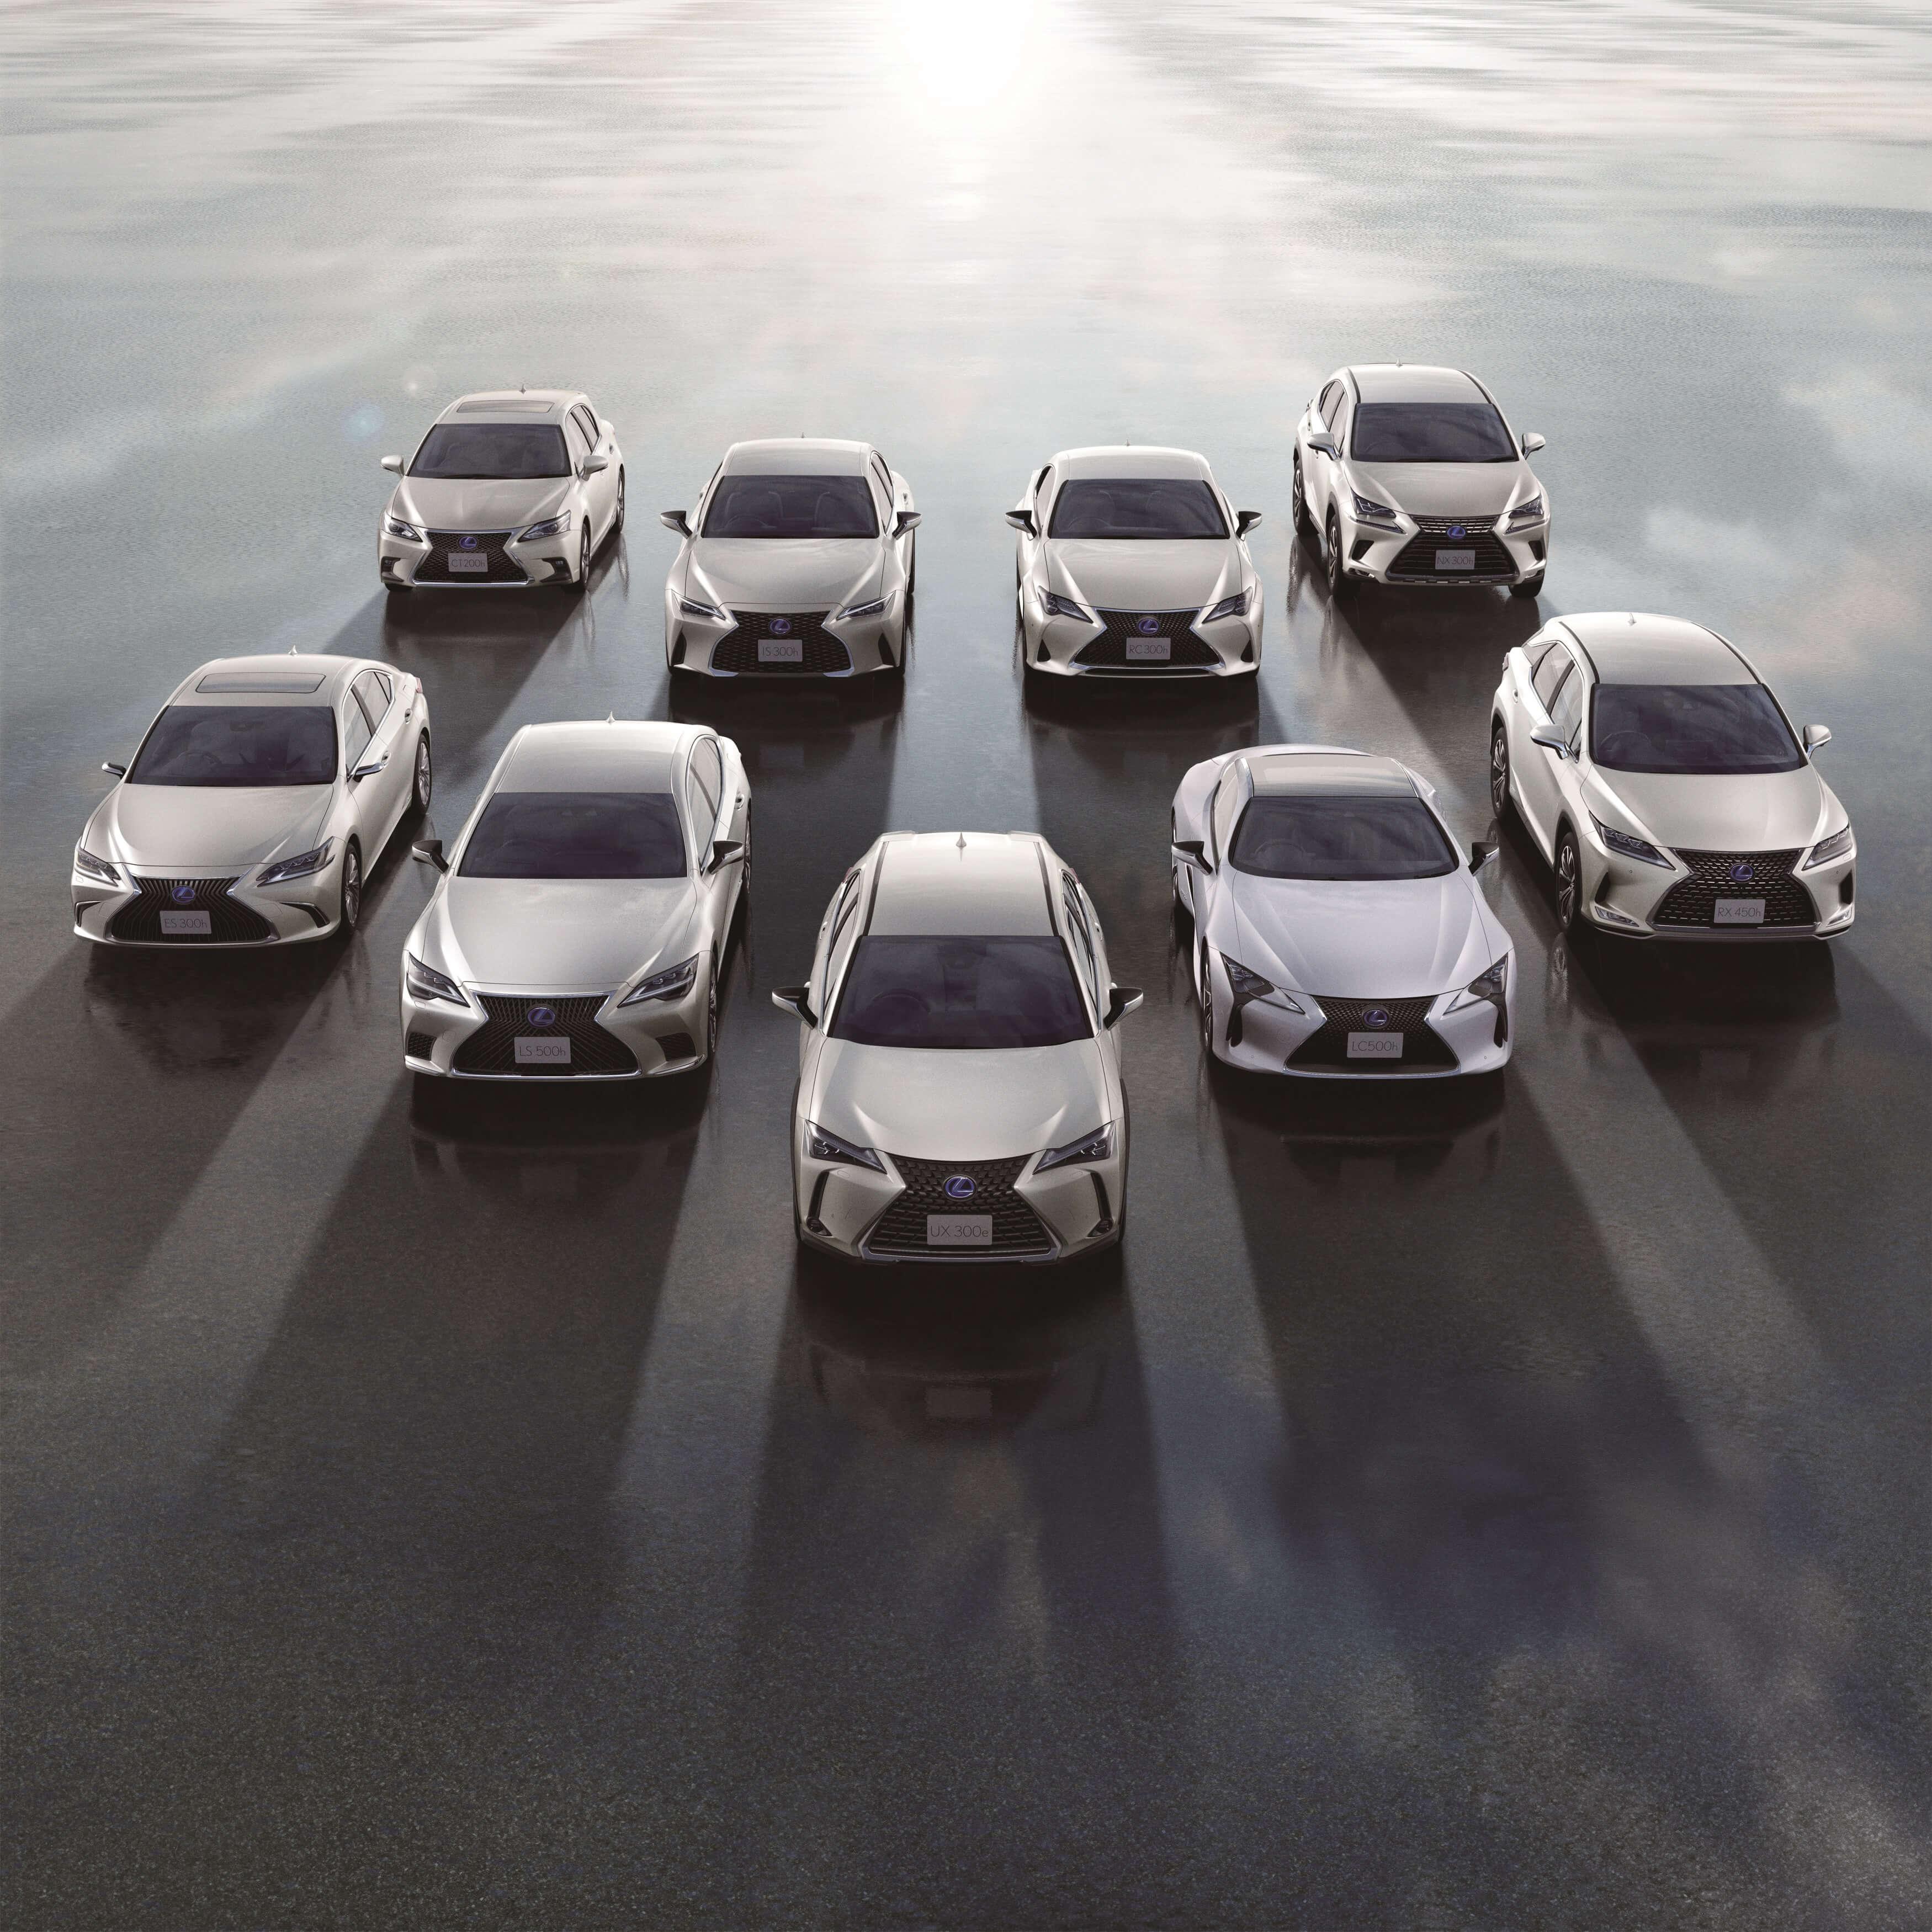 Lexus com vendas de 2 milhoes de carros eletrificados Image